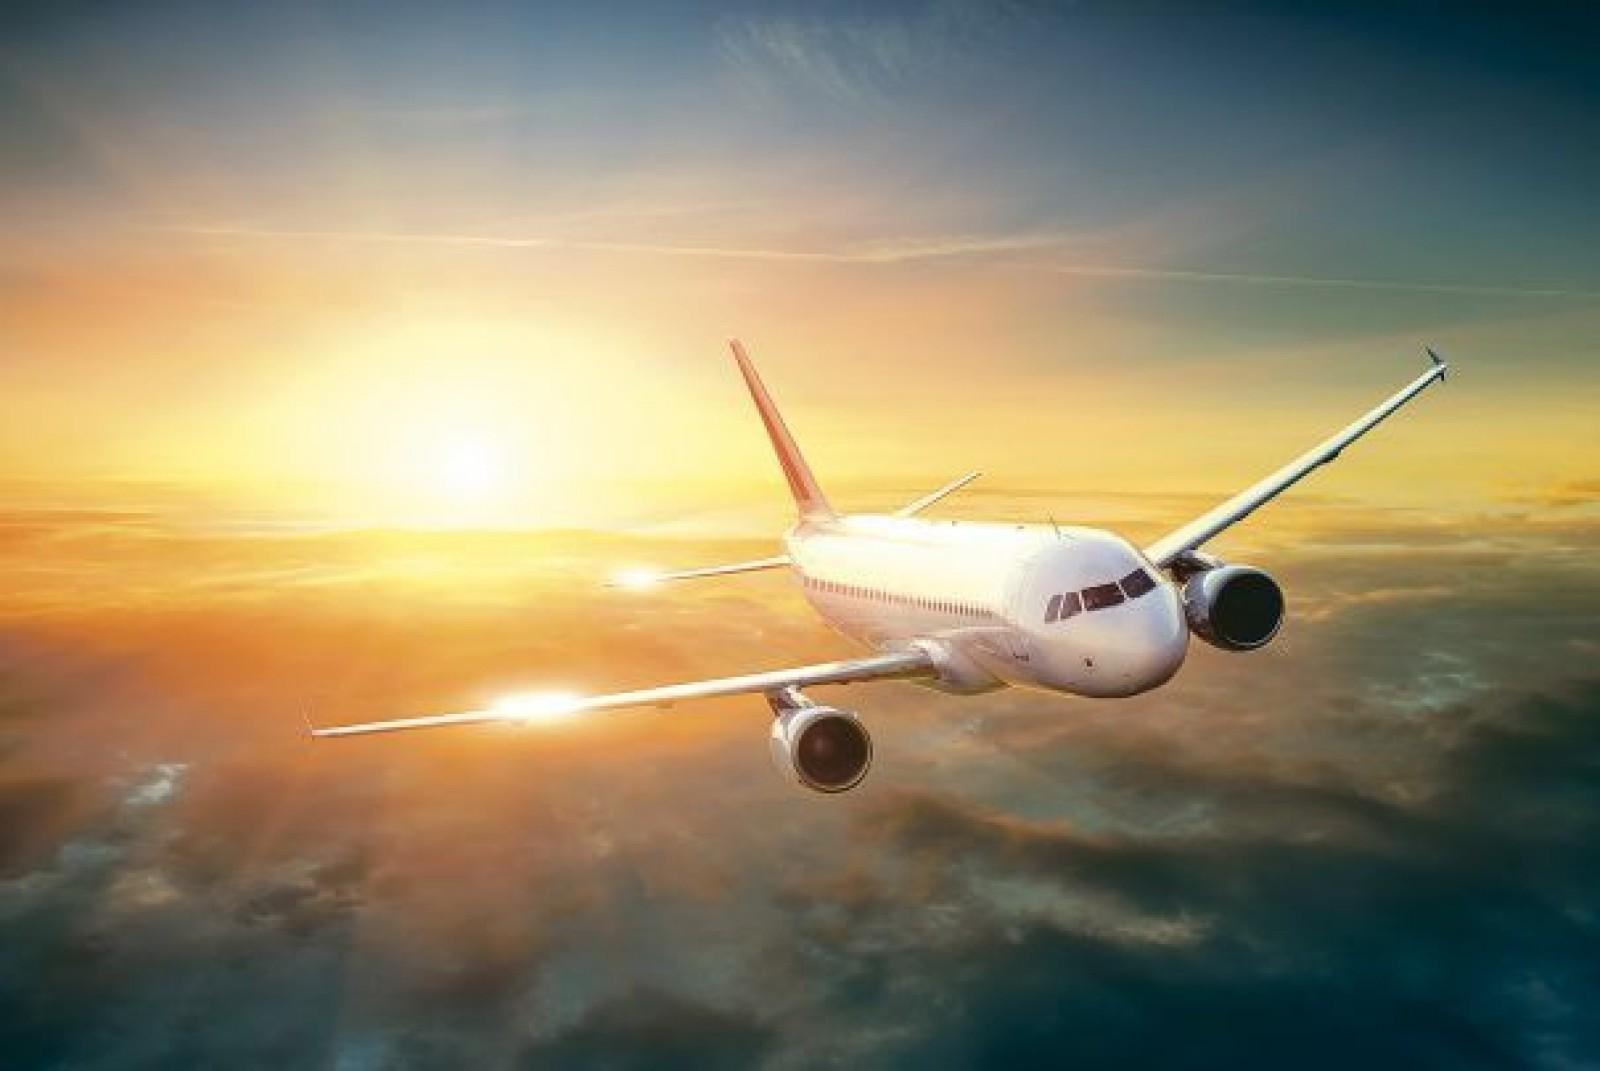 Greva piloţilor Ryanair duce la anularea mai multor curse de pe aeroportul din București. Lista curselor